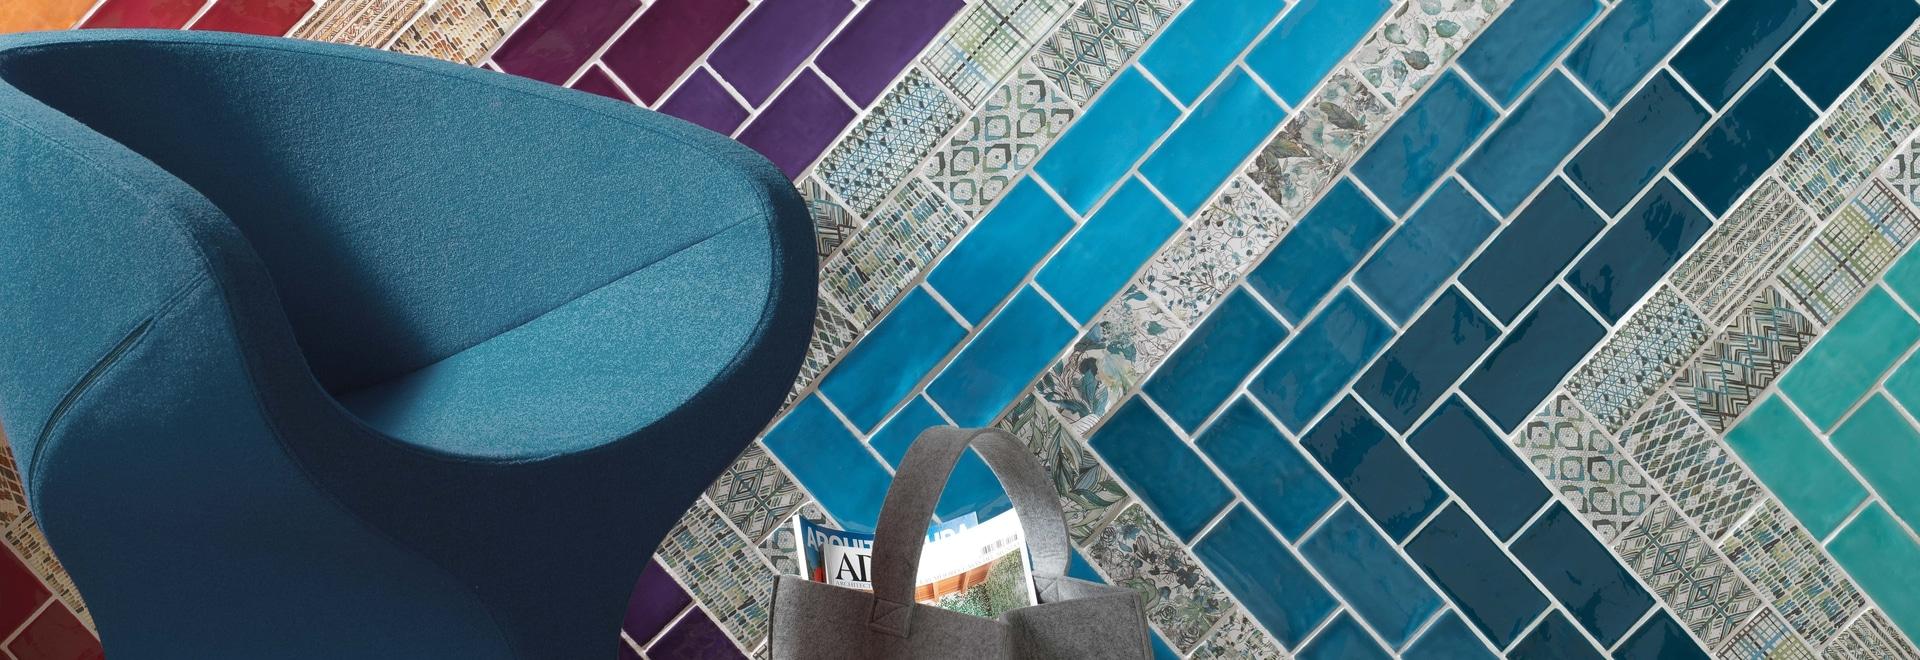 Canvas – the custom tile